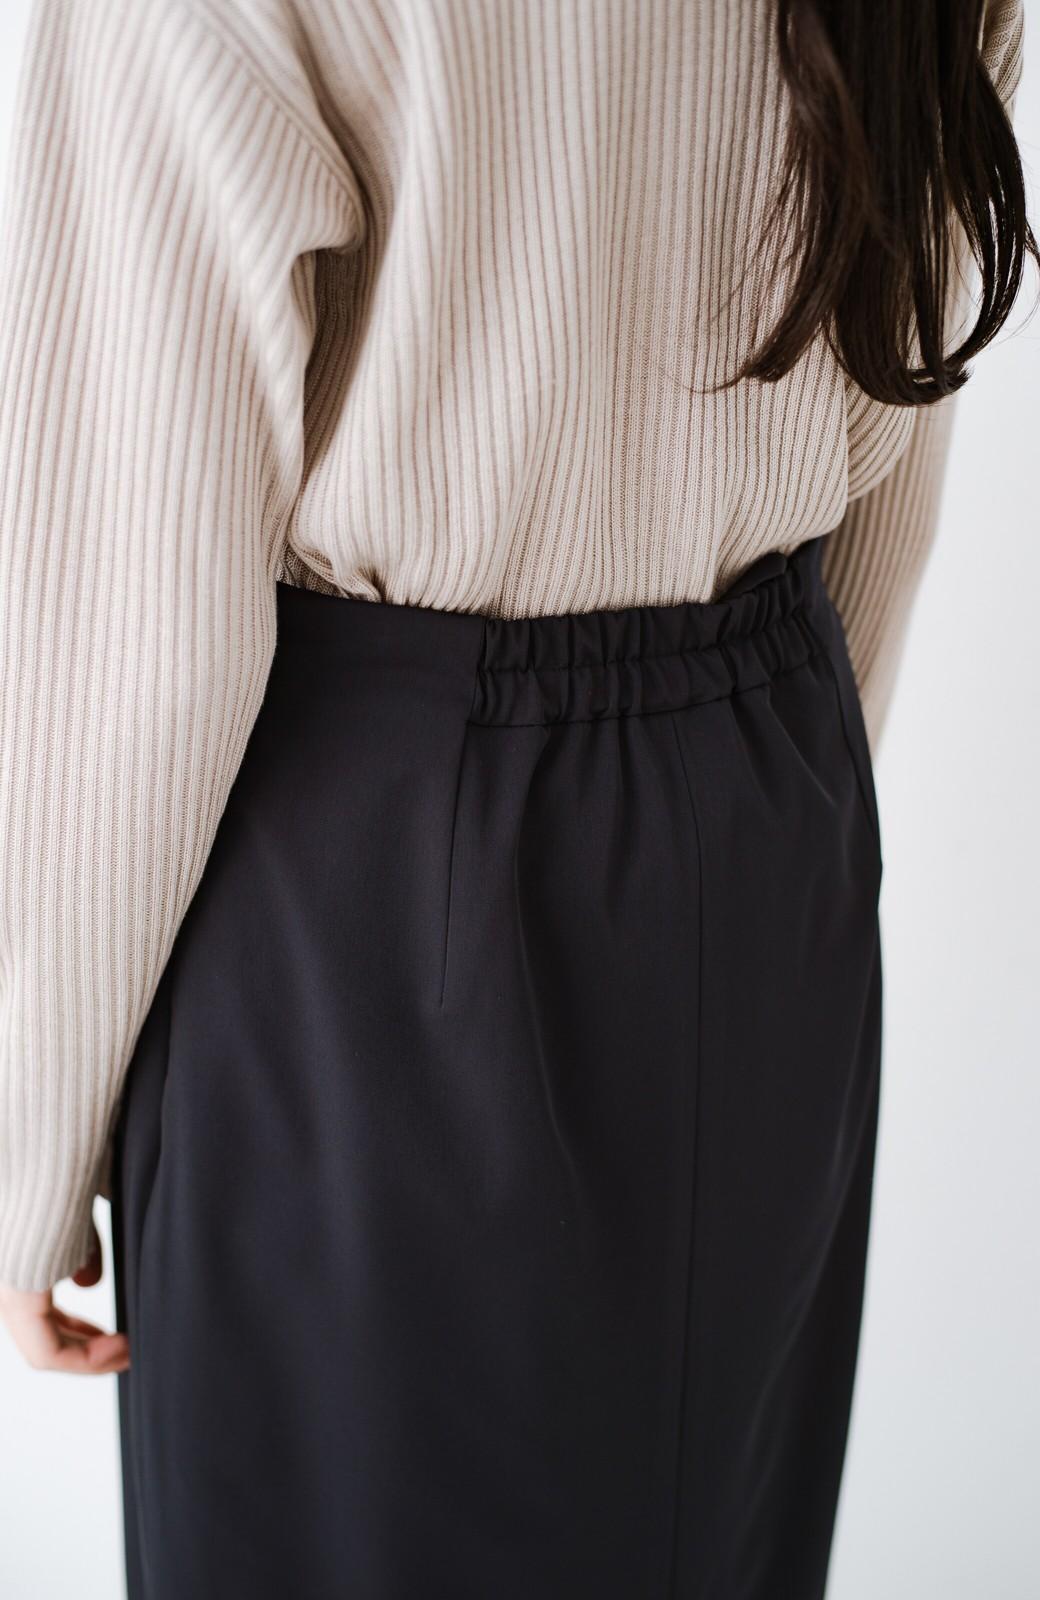 haco! 真面目すぎずにきちんと見えする サスペンダー付きタイトスカート by que made me <ネイビー>の商品写真6